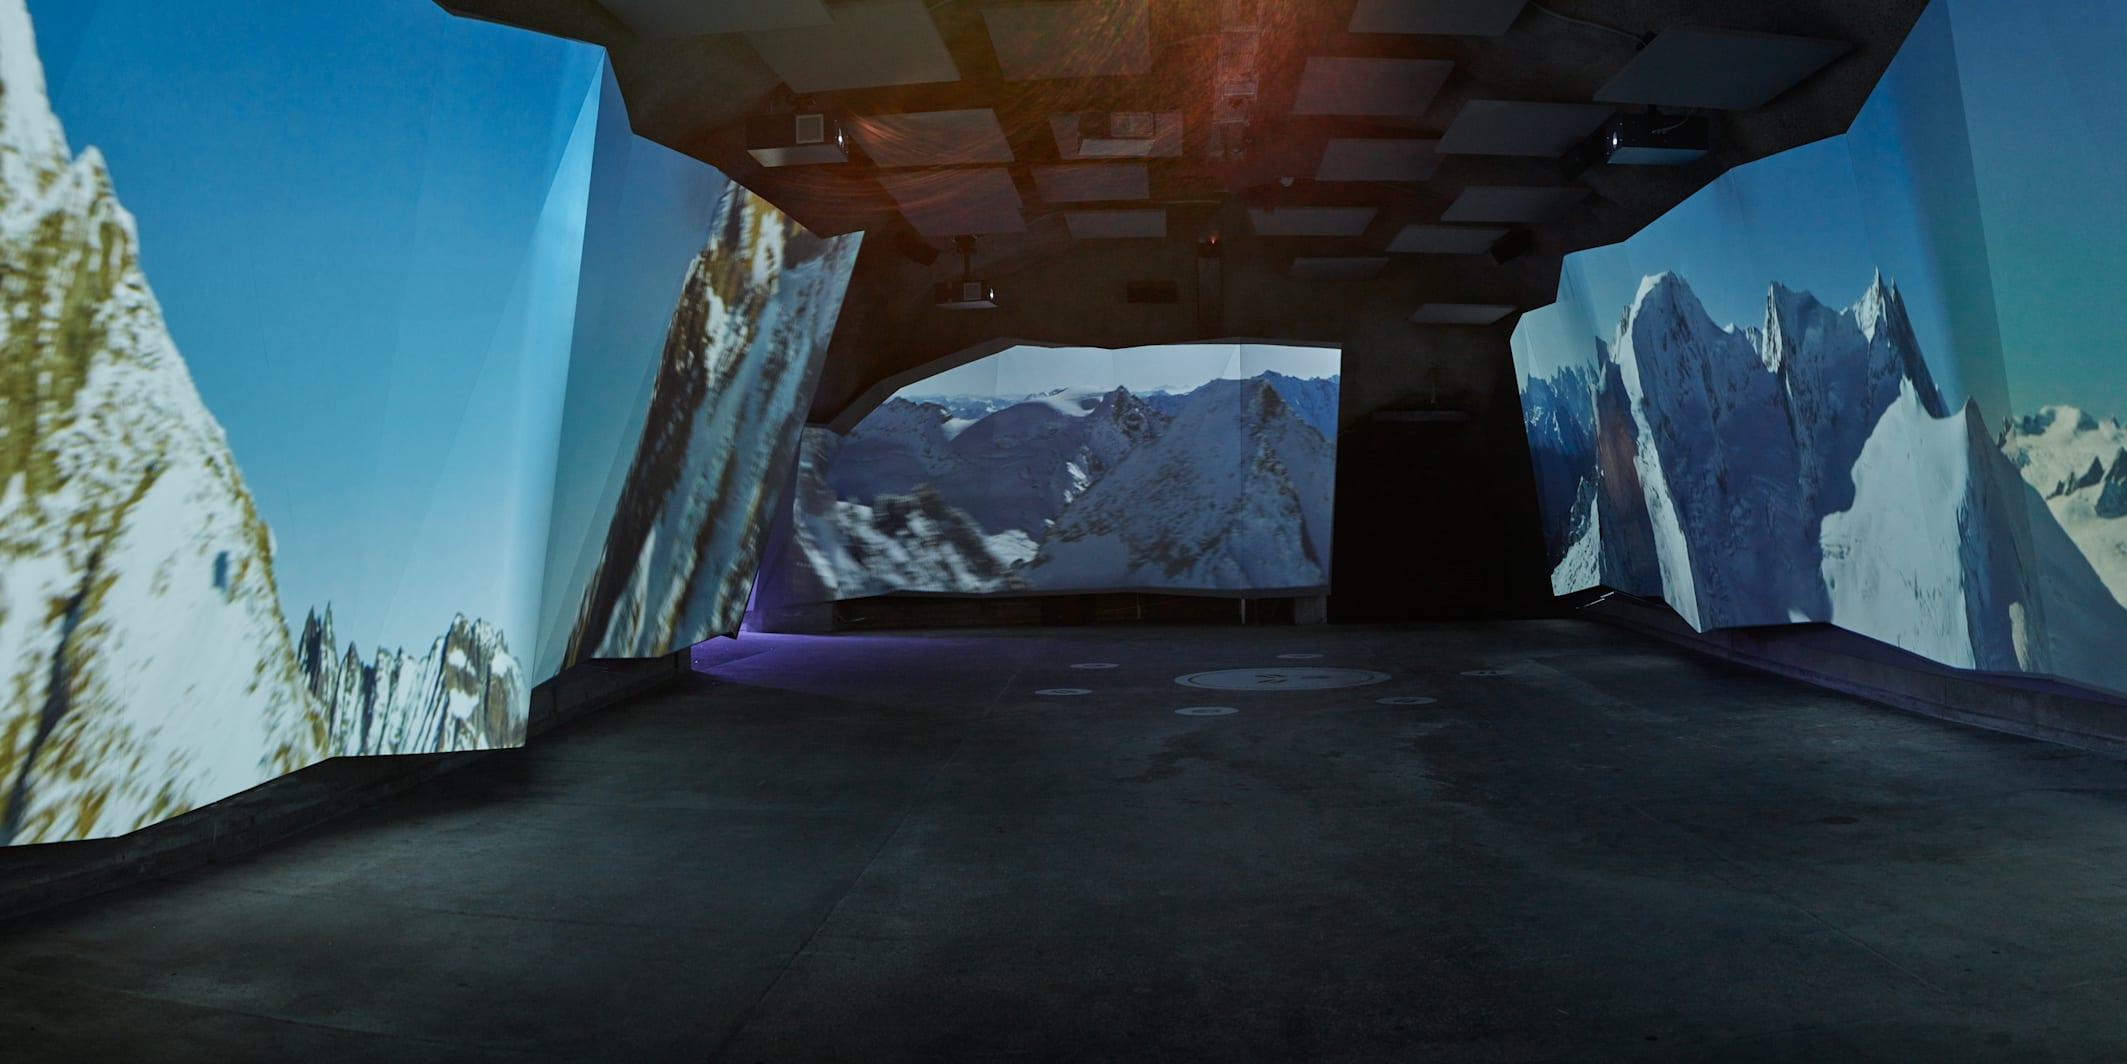 Jungfraujoch Jungfrau Panorama Kino